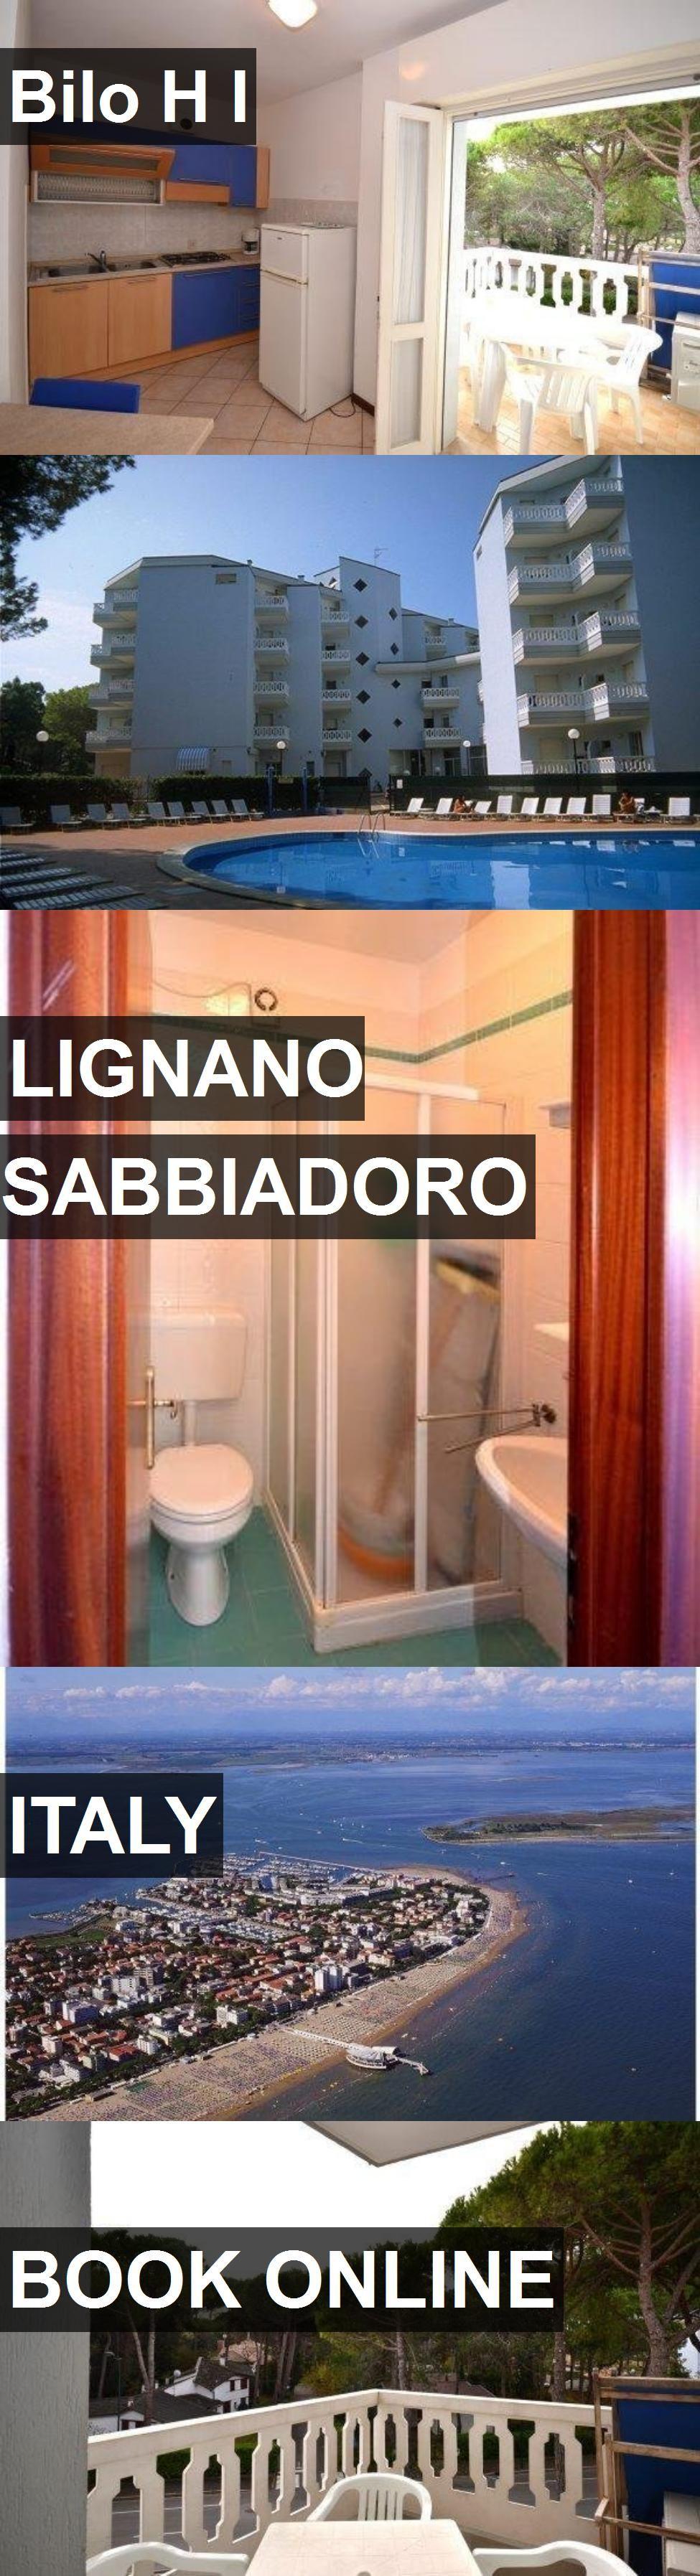 Hotel Bilo H I in Lignano Sabbiadoro, Italy. For more